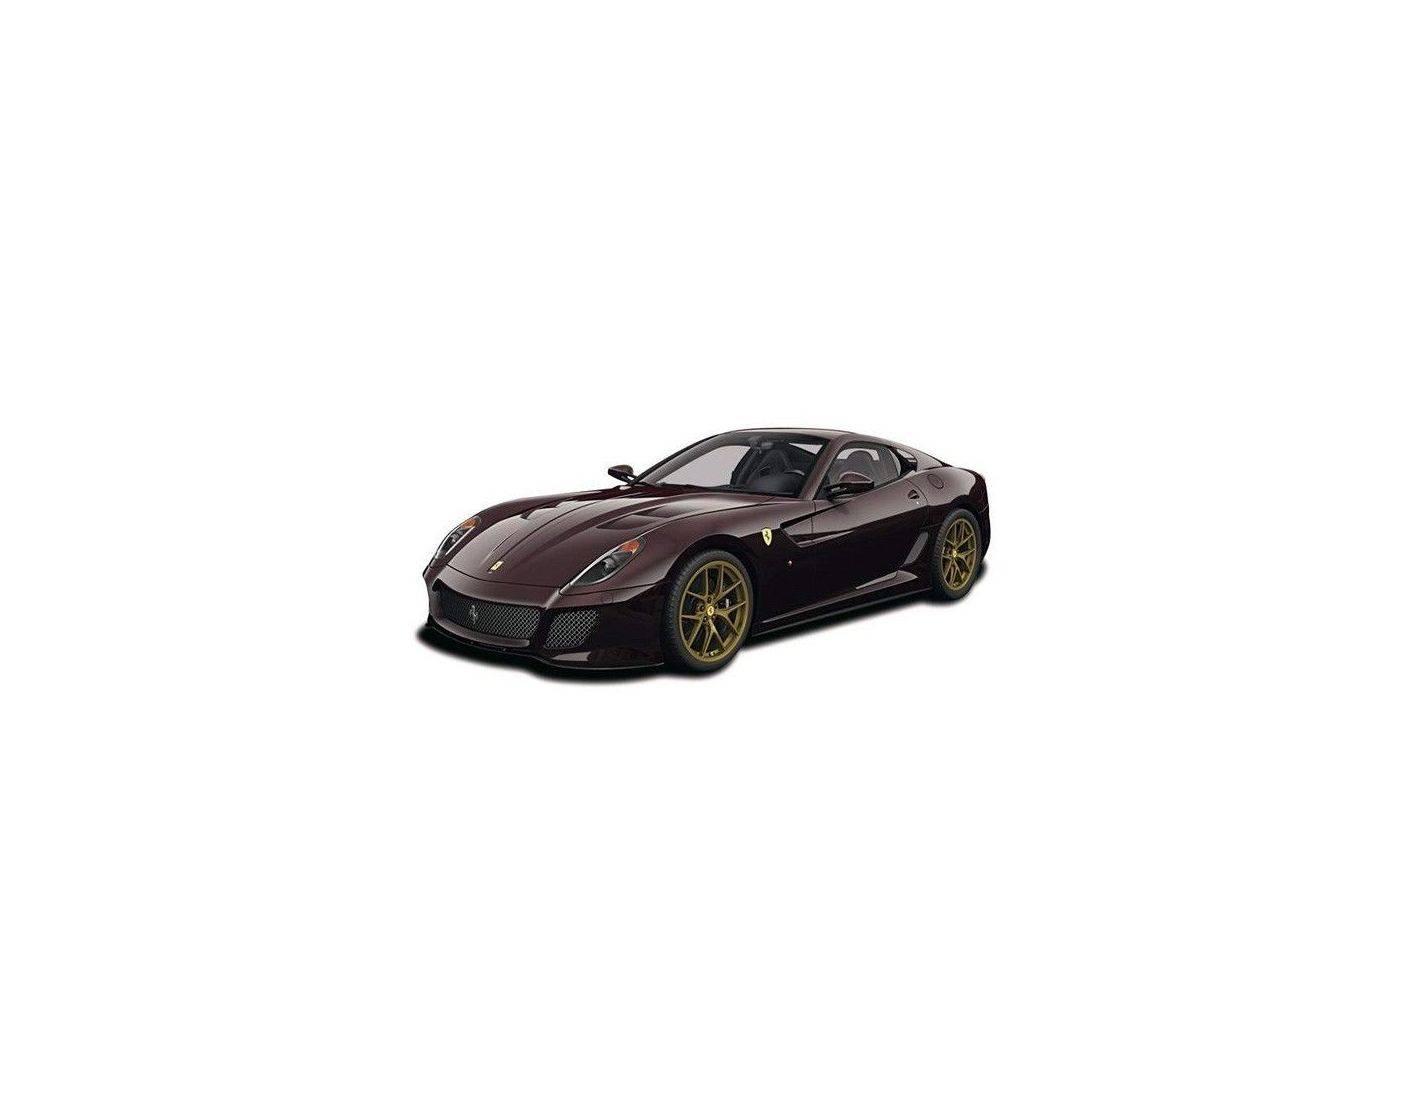 Hotwheels Elite V7424 FERRARI 599 GTO MICHAEL MANN 1/18 Modellino